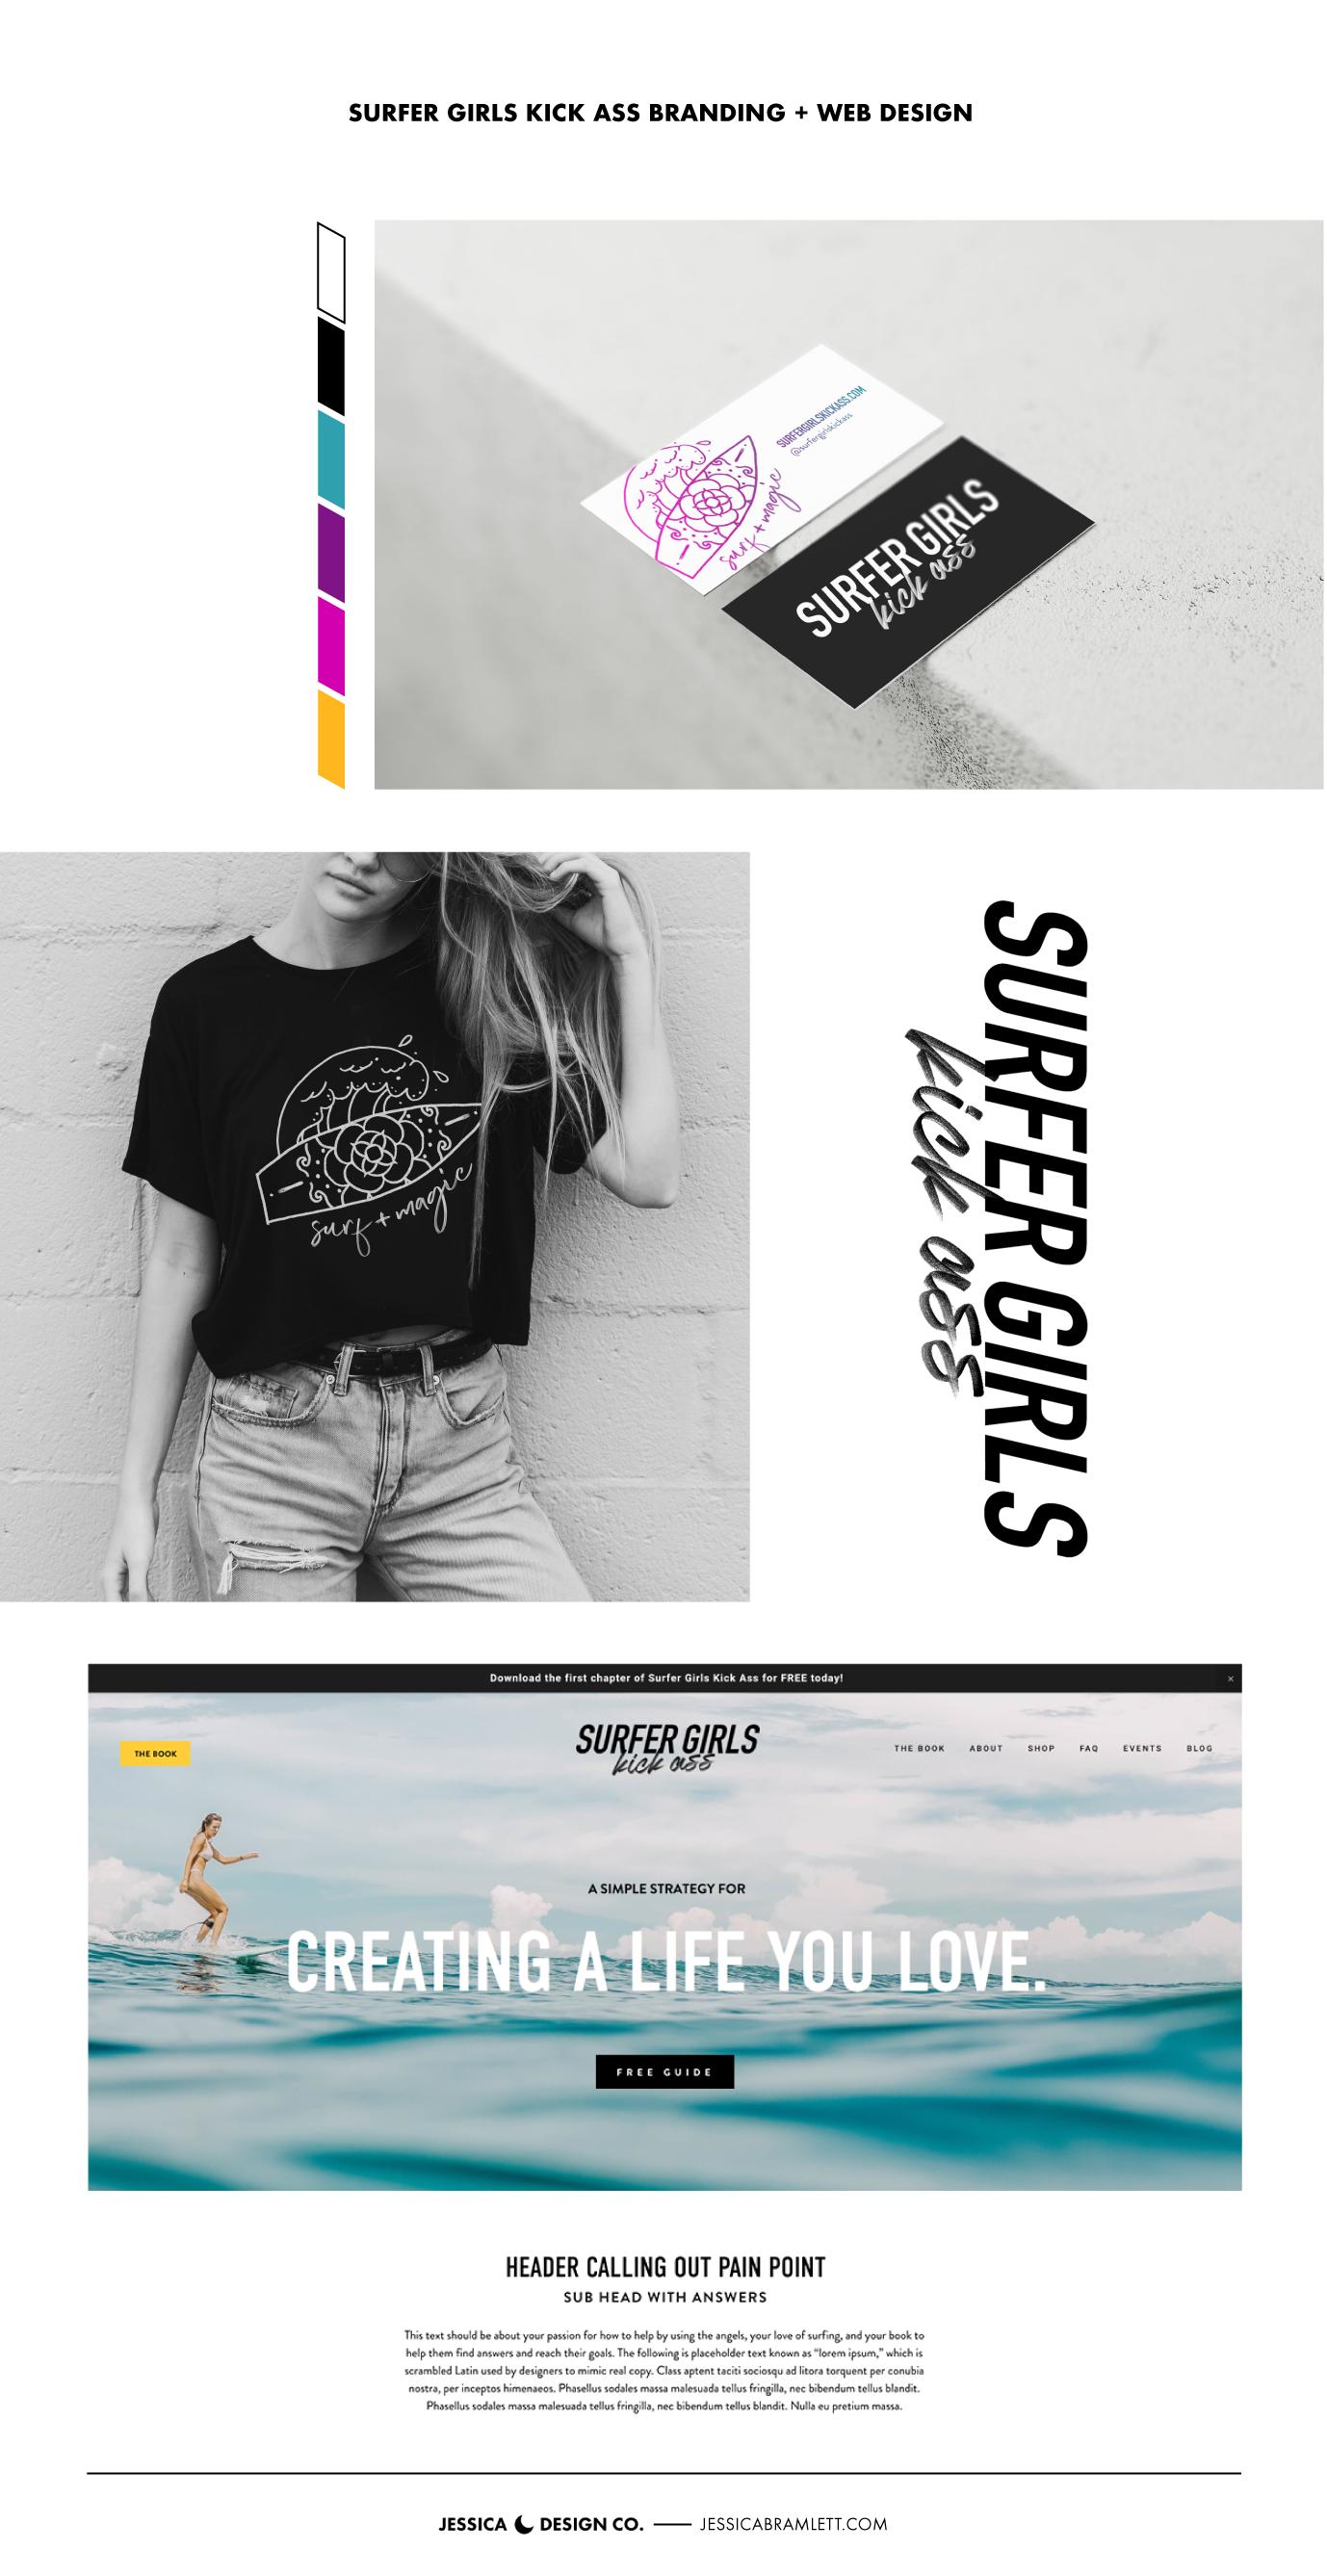 Surfer Girls Kick Ass Branding and Website Design